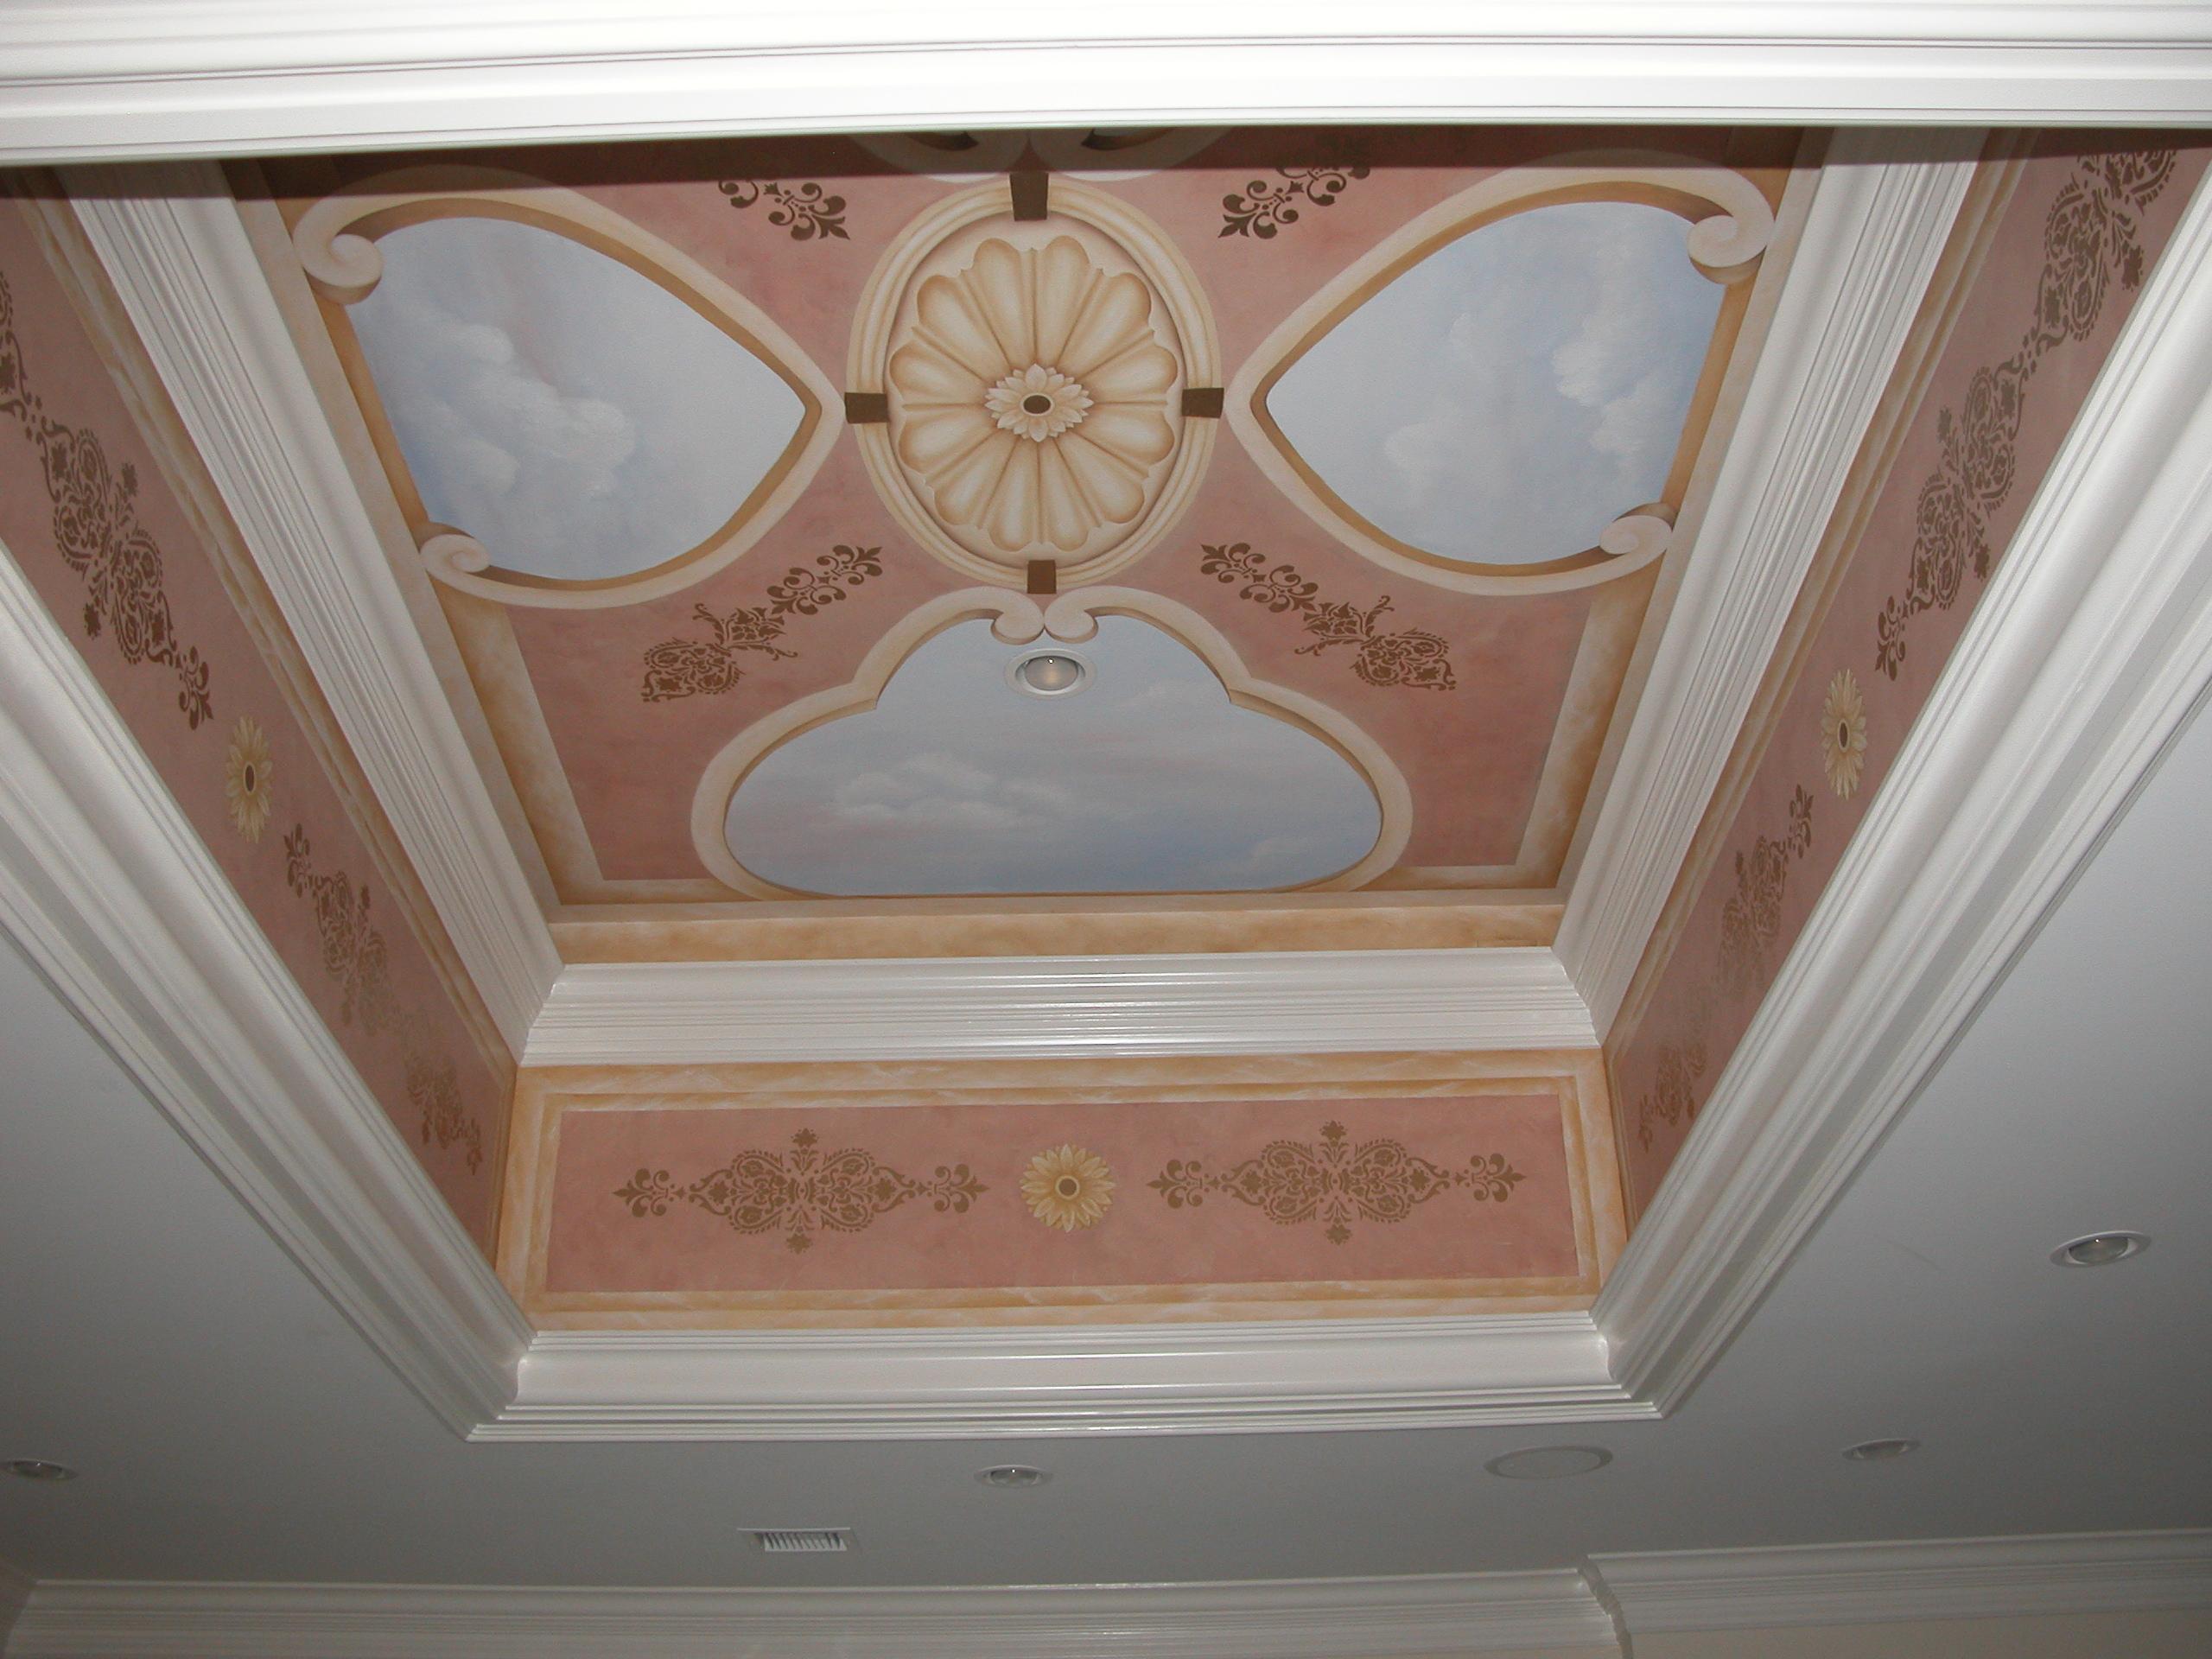 Mural Ceiling Idea Mountain Lakes NJ